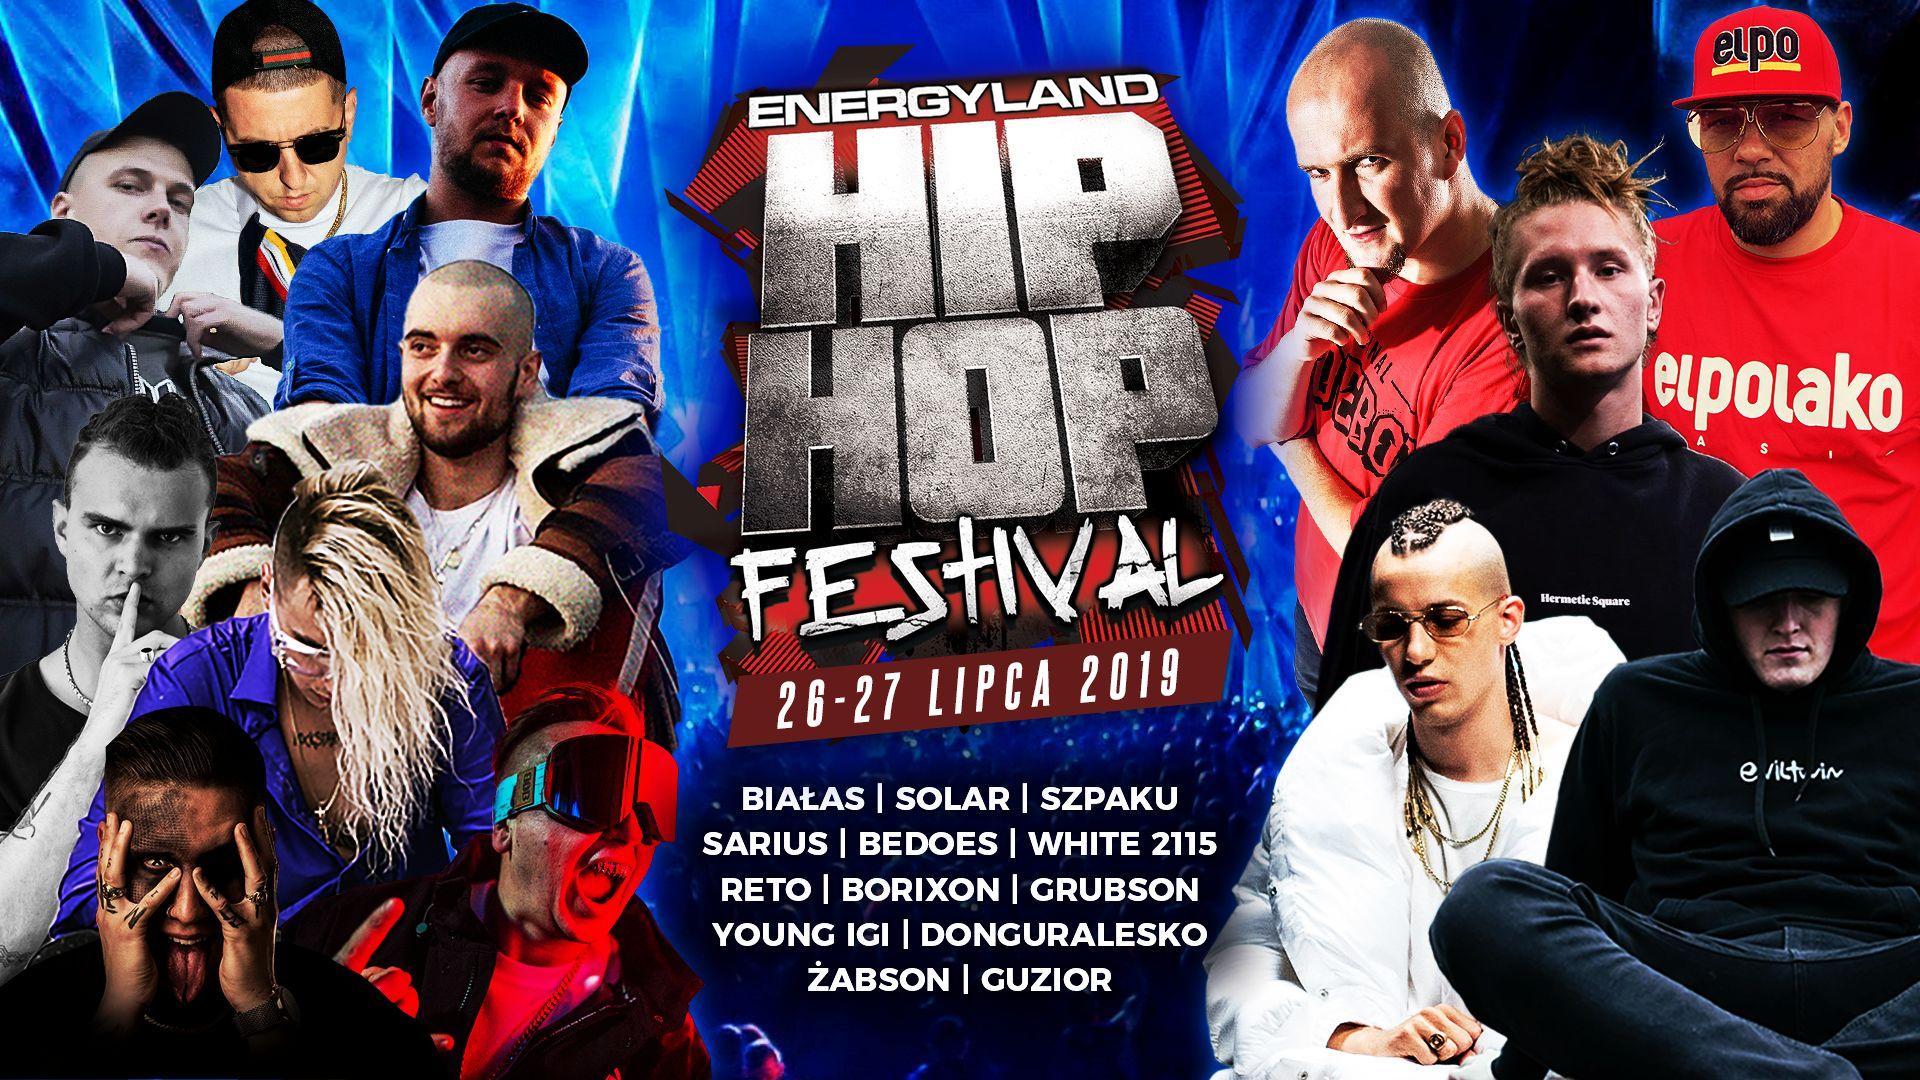 W piątek i w sobotę HIP-HOP Festiwal w Energylandii. KONKURS [AKTUALIZACJA]